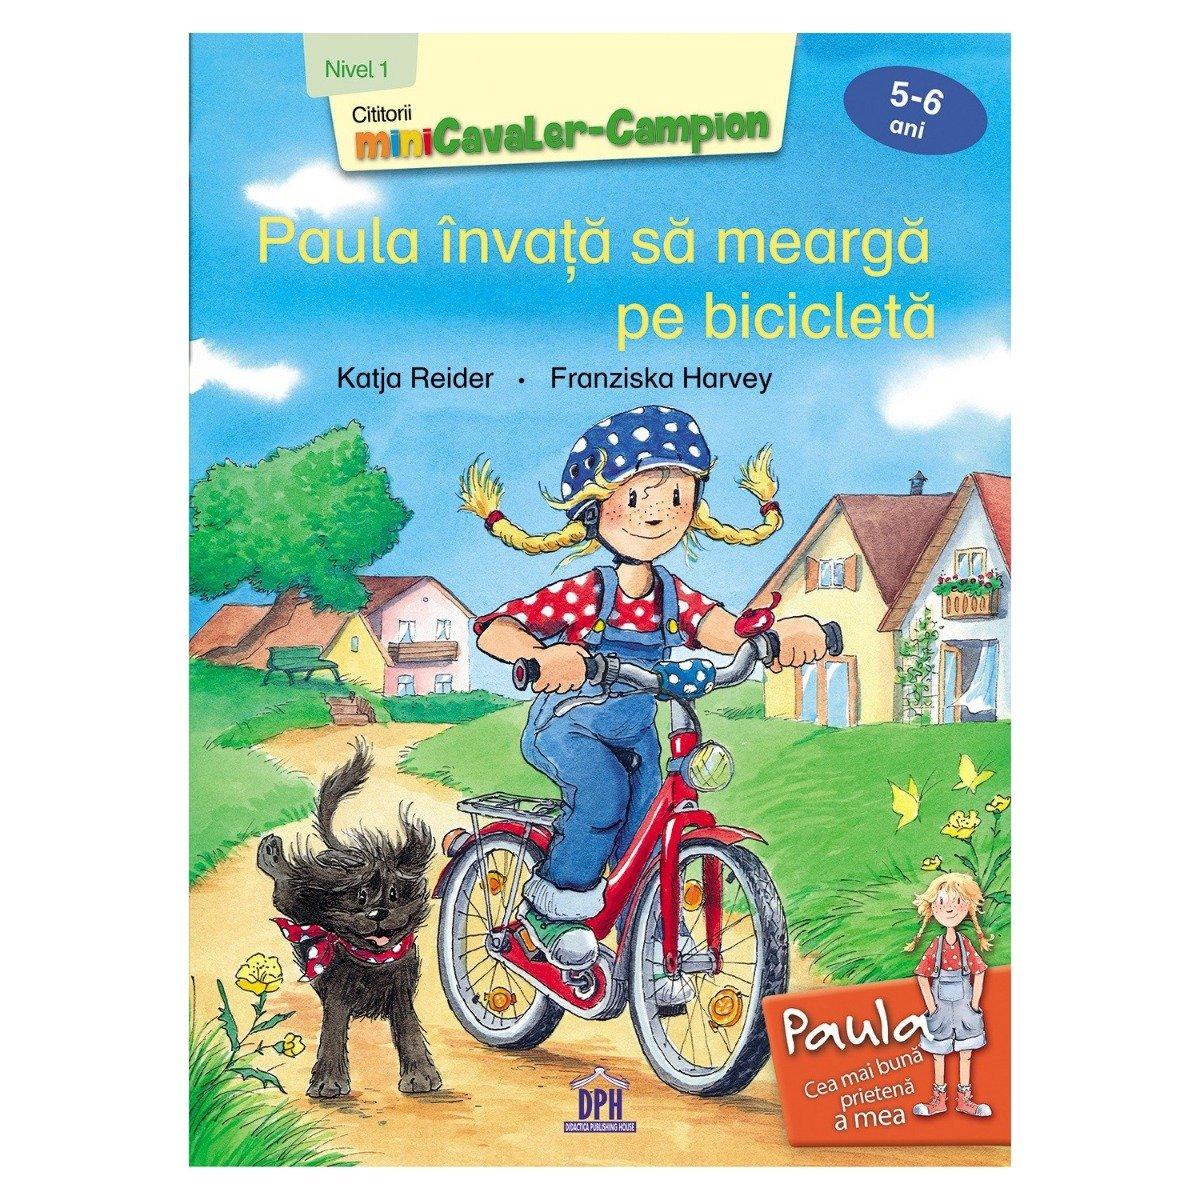 Carte Paula invata sa mearga pe bicicleta - nivelul 1, Editura DPH